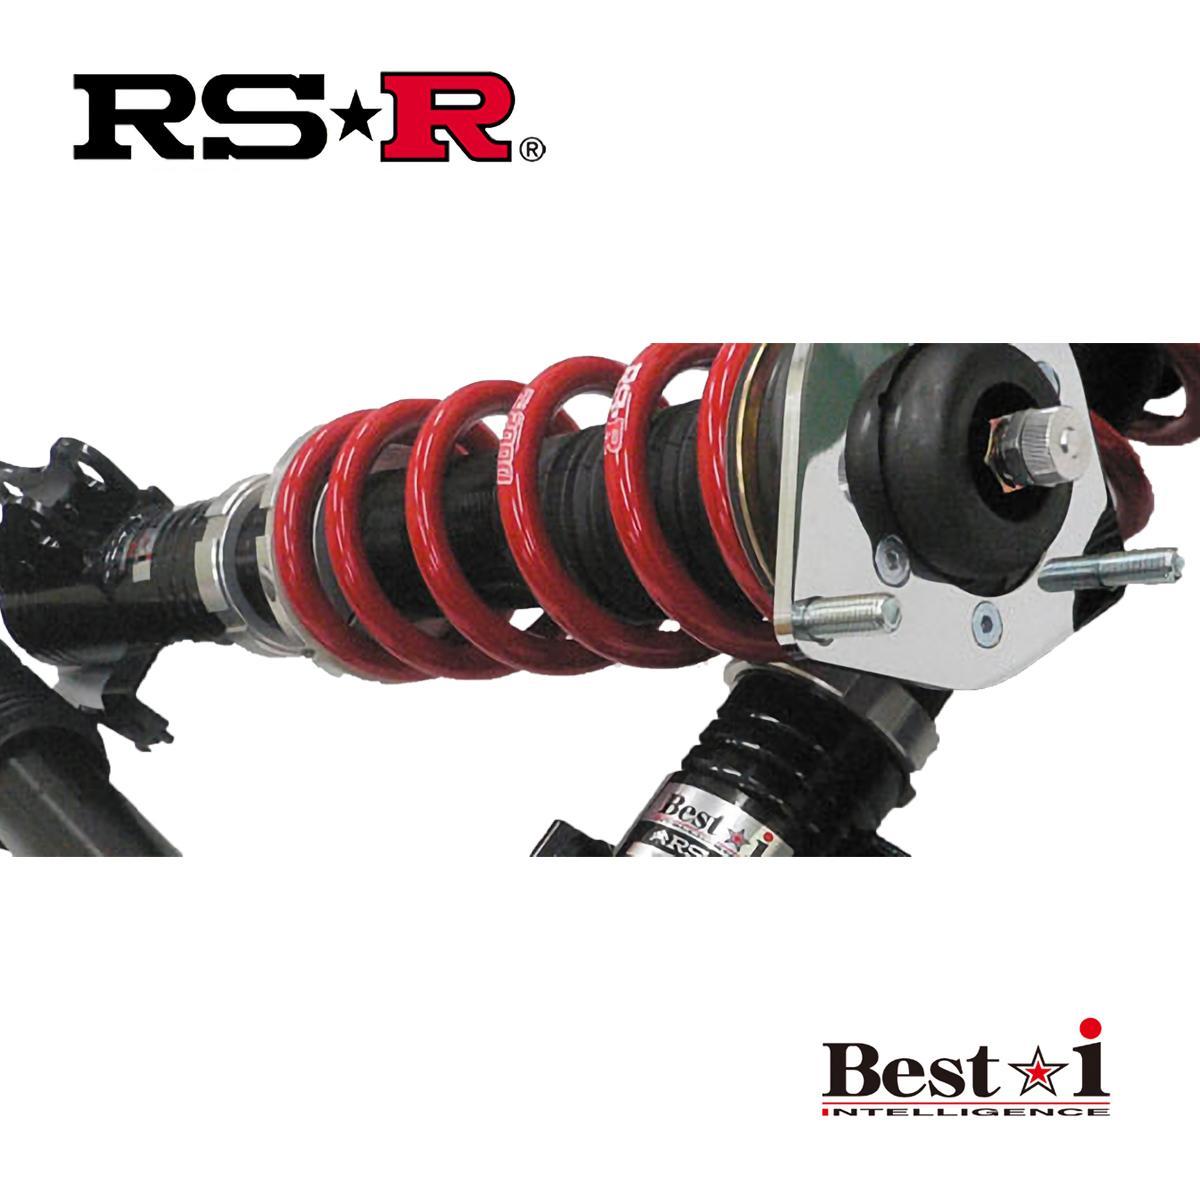 RS-R C-HR G ZYX10 車高調 リア車高調整:ネジ式/ソフトバネレート仕様 BIT382S ベストi RSR 個人宅発送追金有